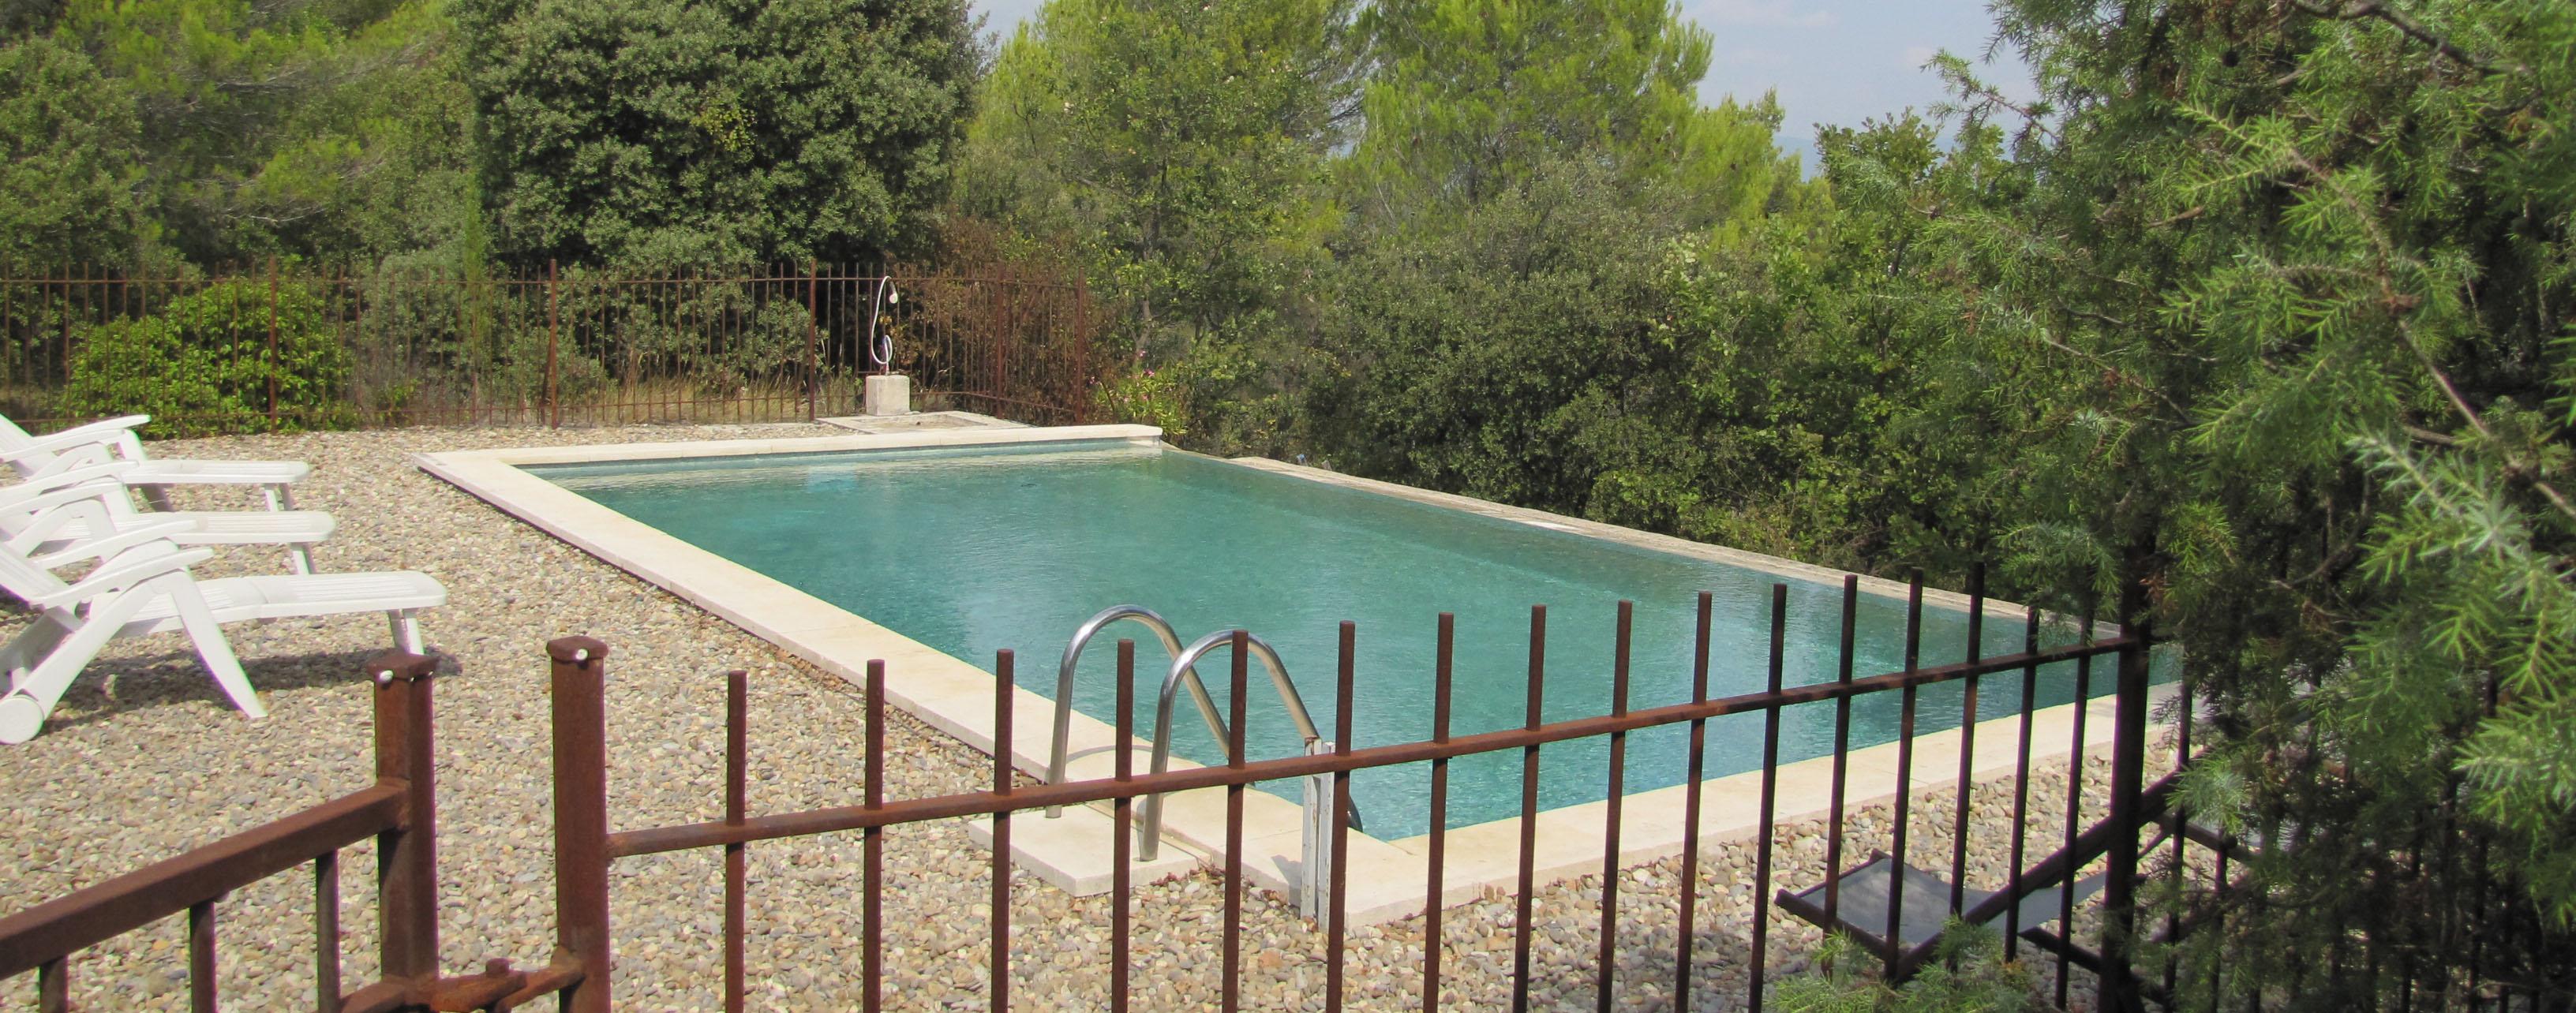 La piscine à débordement sécurisée